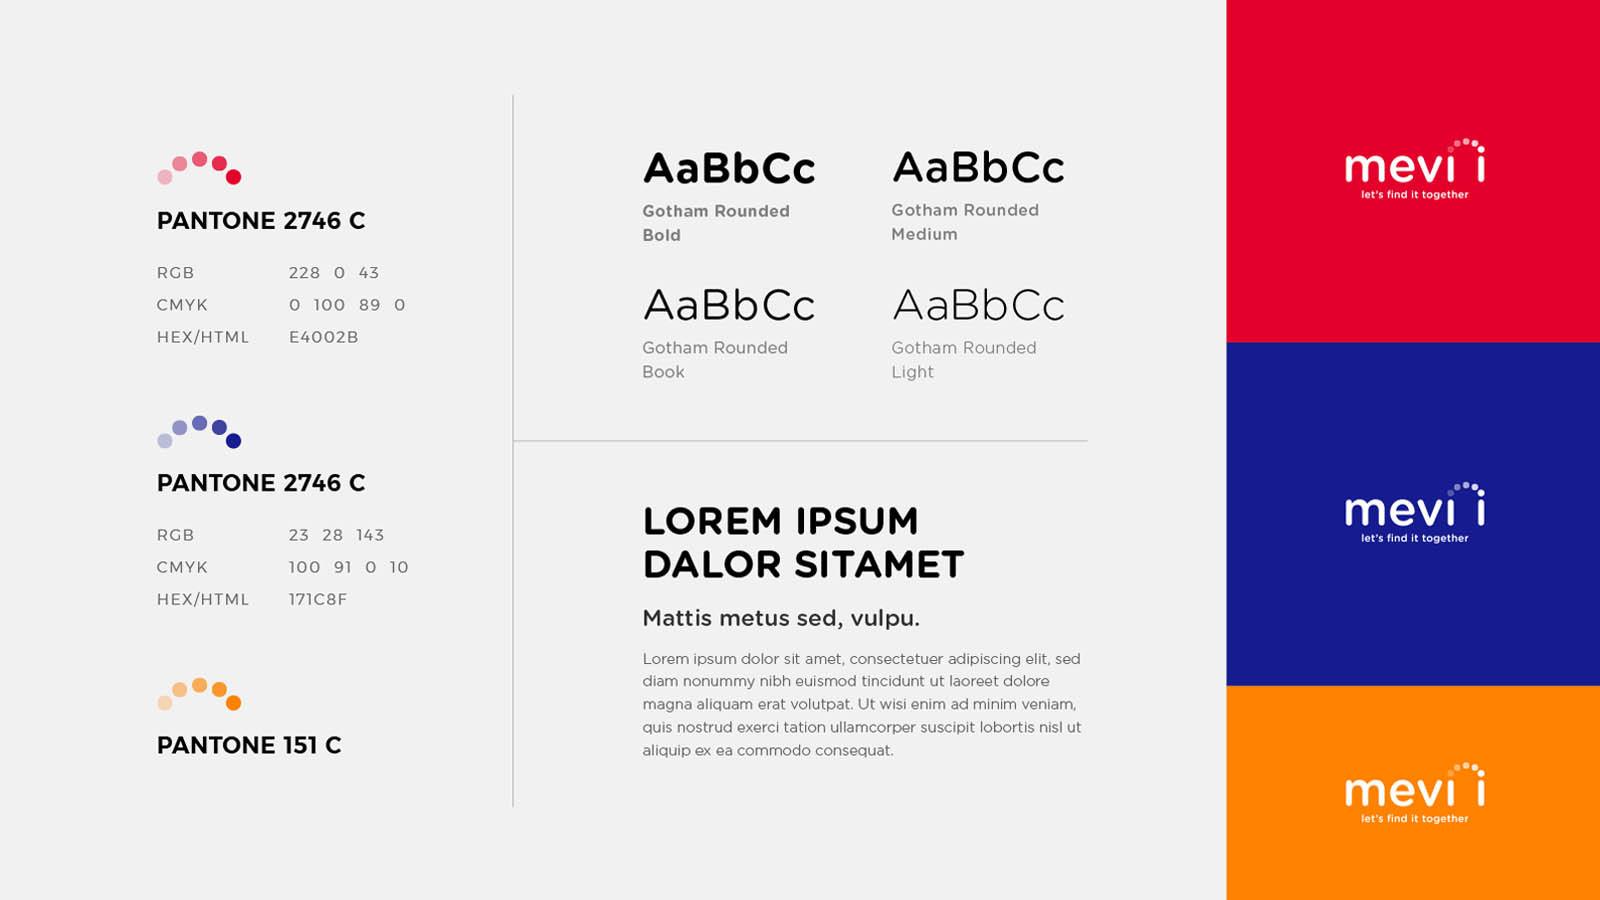 tipografía y color logo mevii